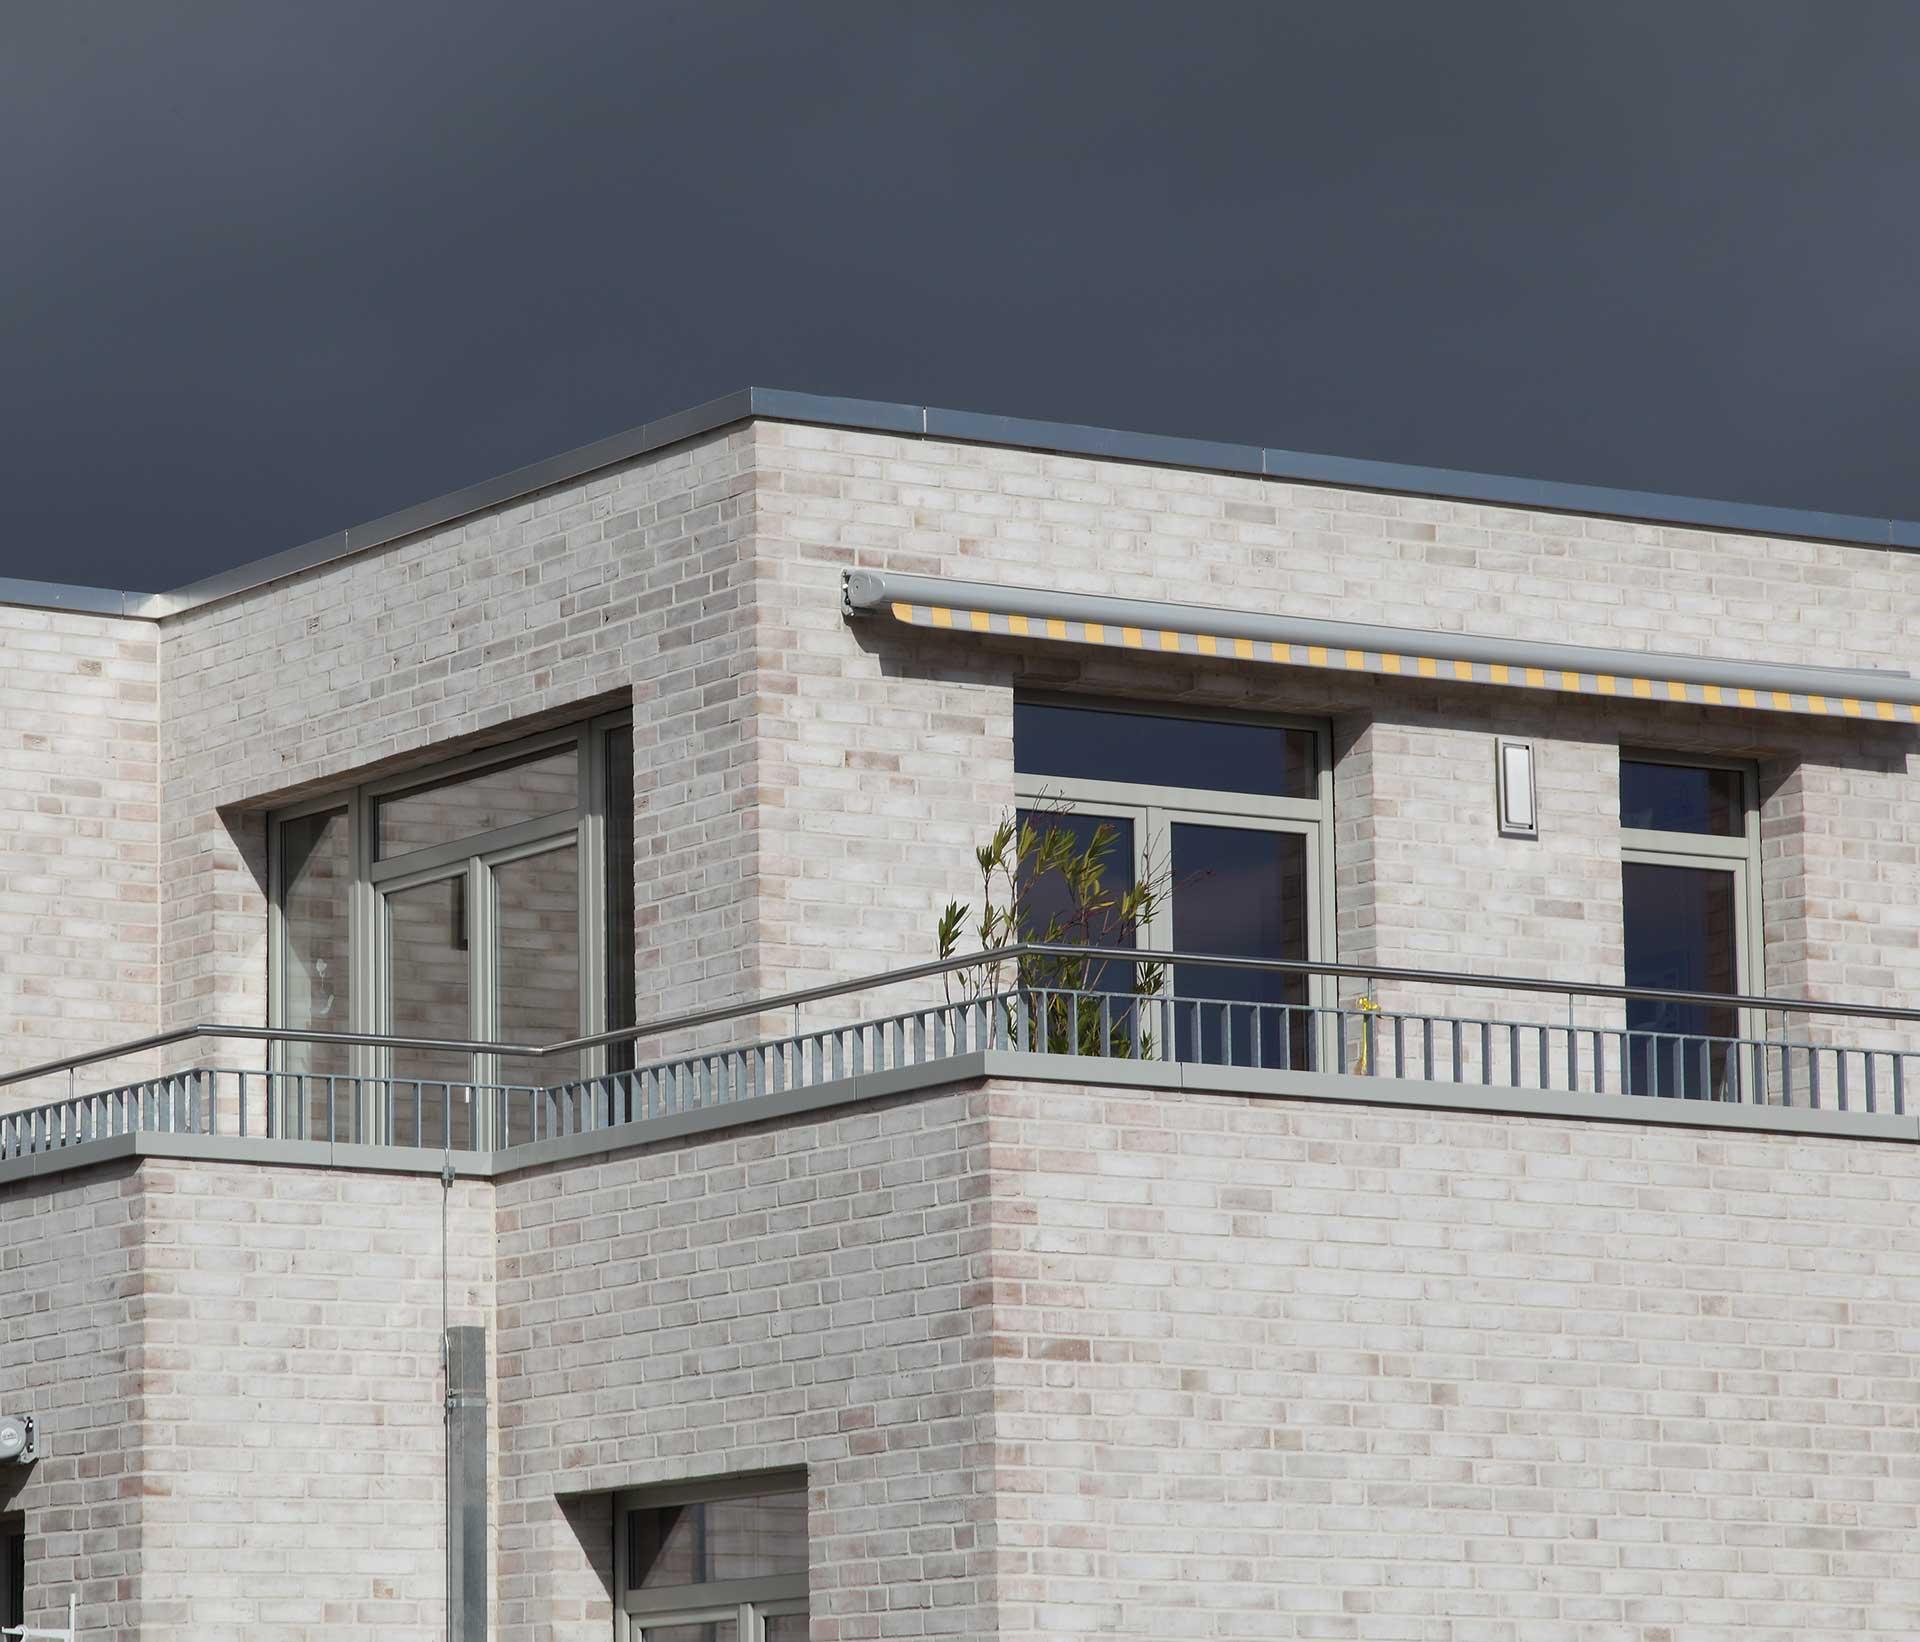 Ein modernes Wohnhaus mit eingelassenen Wandeinbauleuchten in der Hauswand